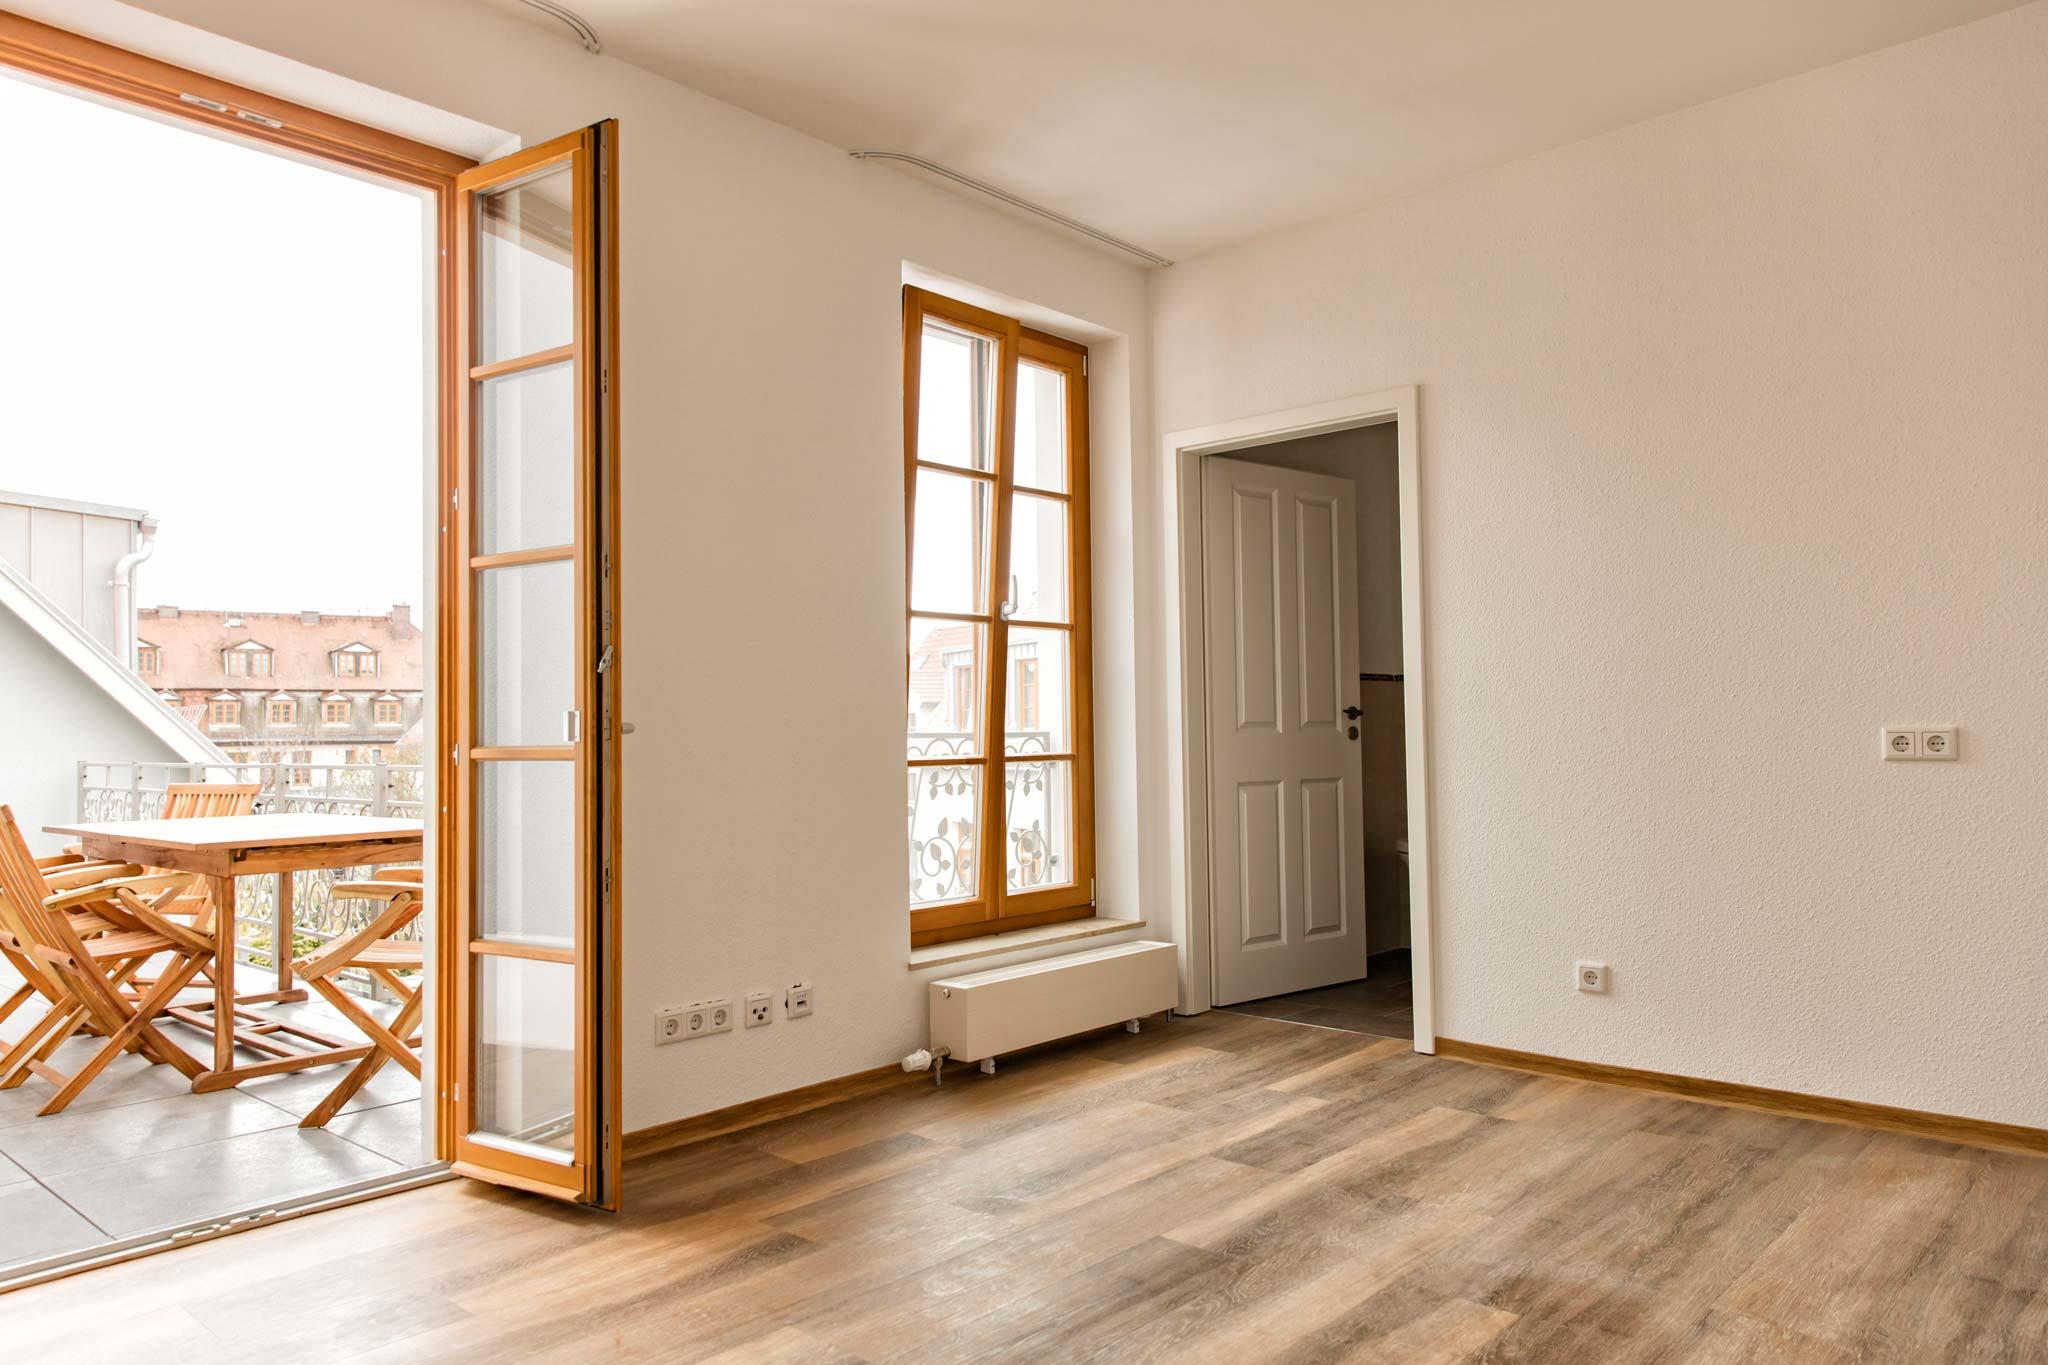 unsere wohnungen betreutes wohnen im jakobsviertel weimar. Black Bedroom Furniture Sets. Home Design Ideas